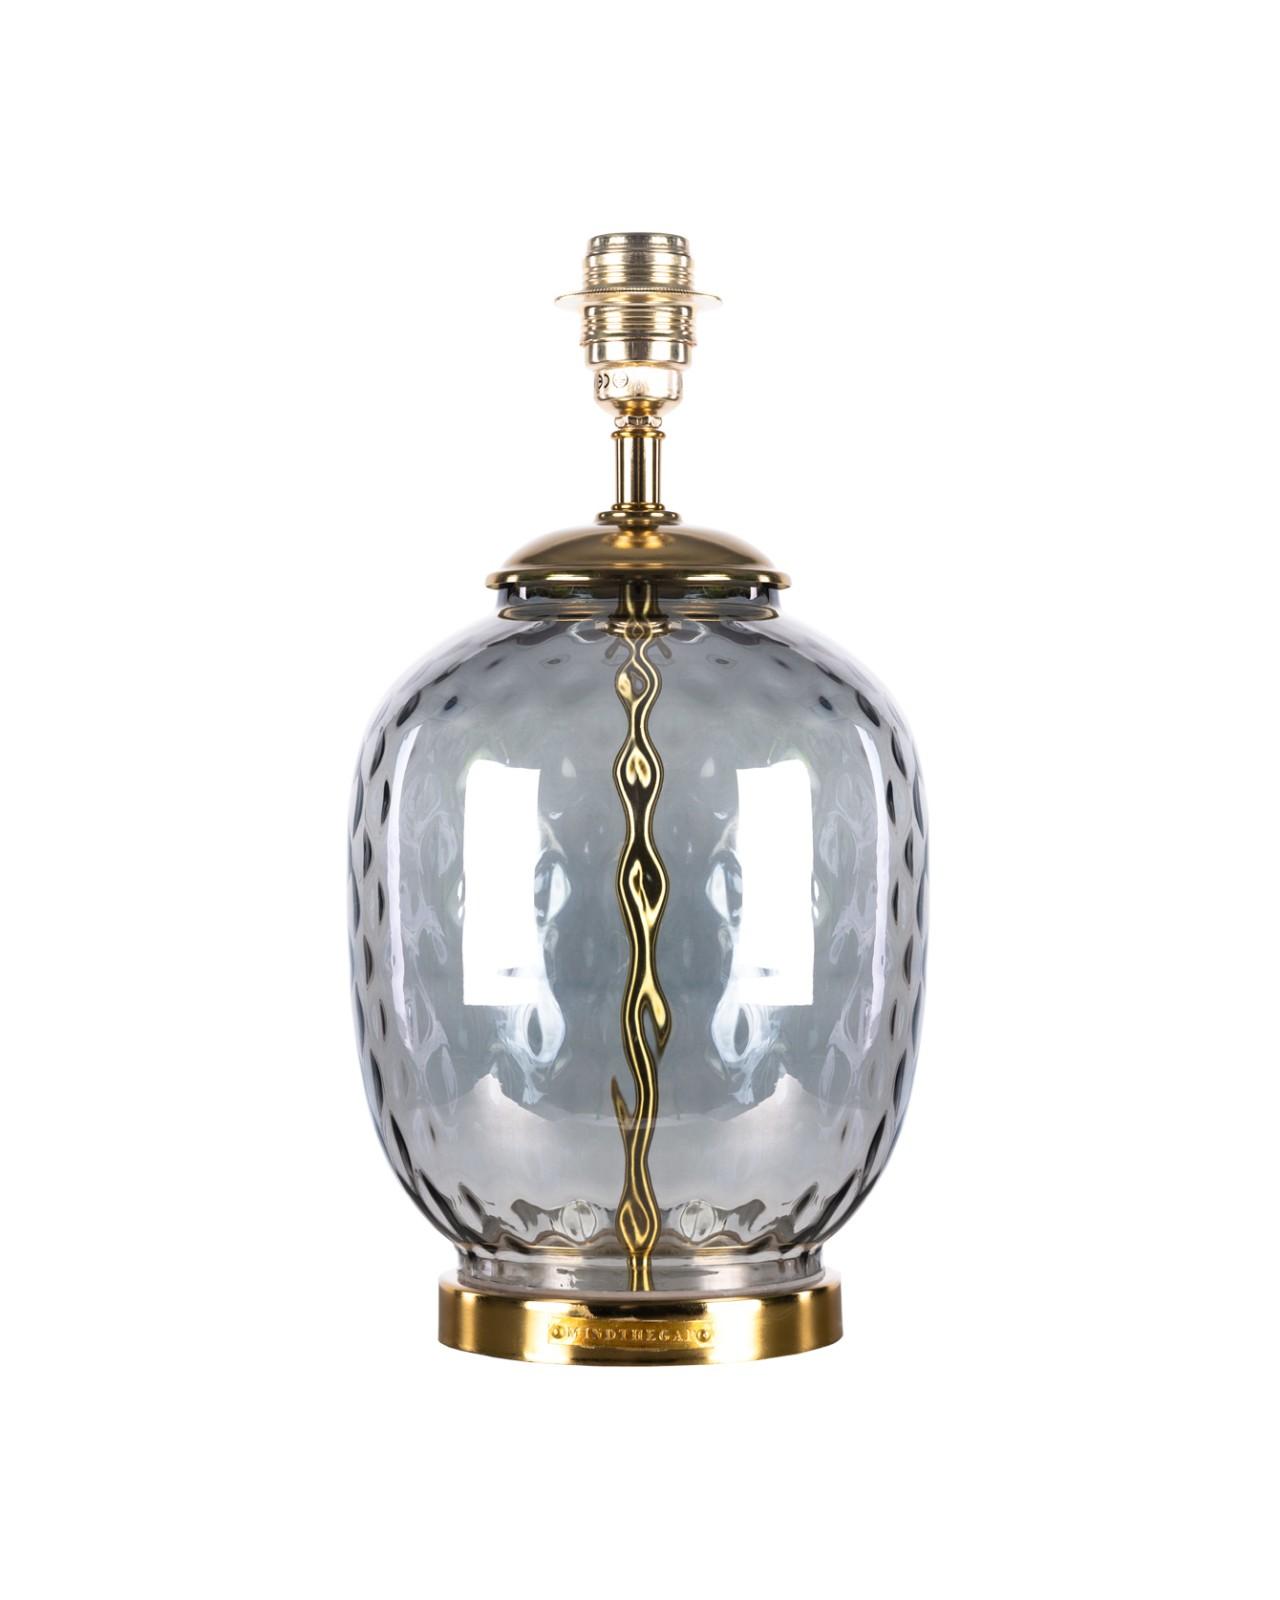 CHELSEA Table Lamp Base